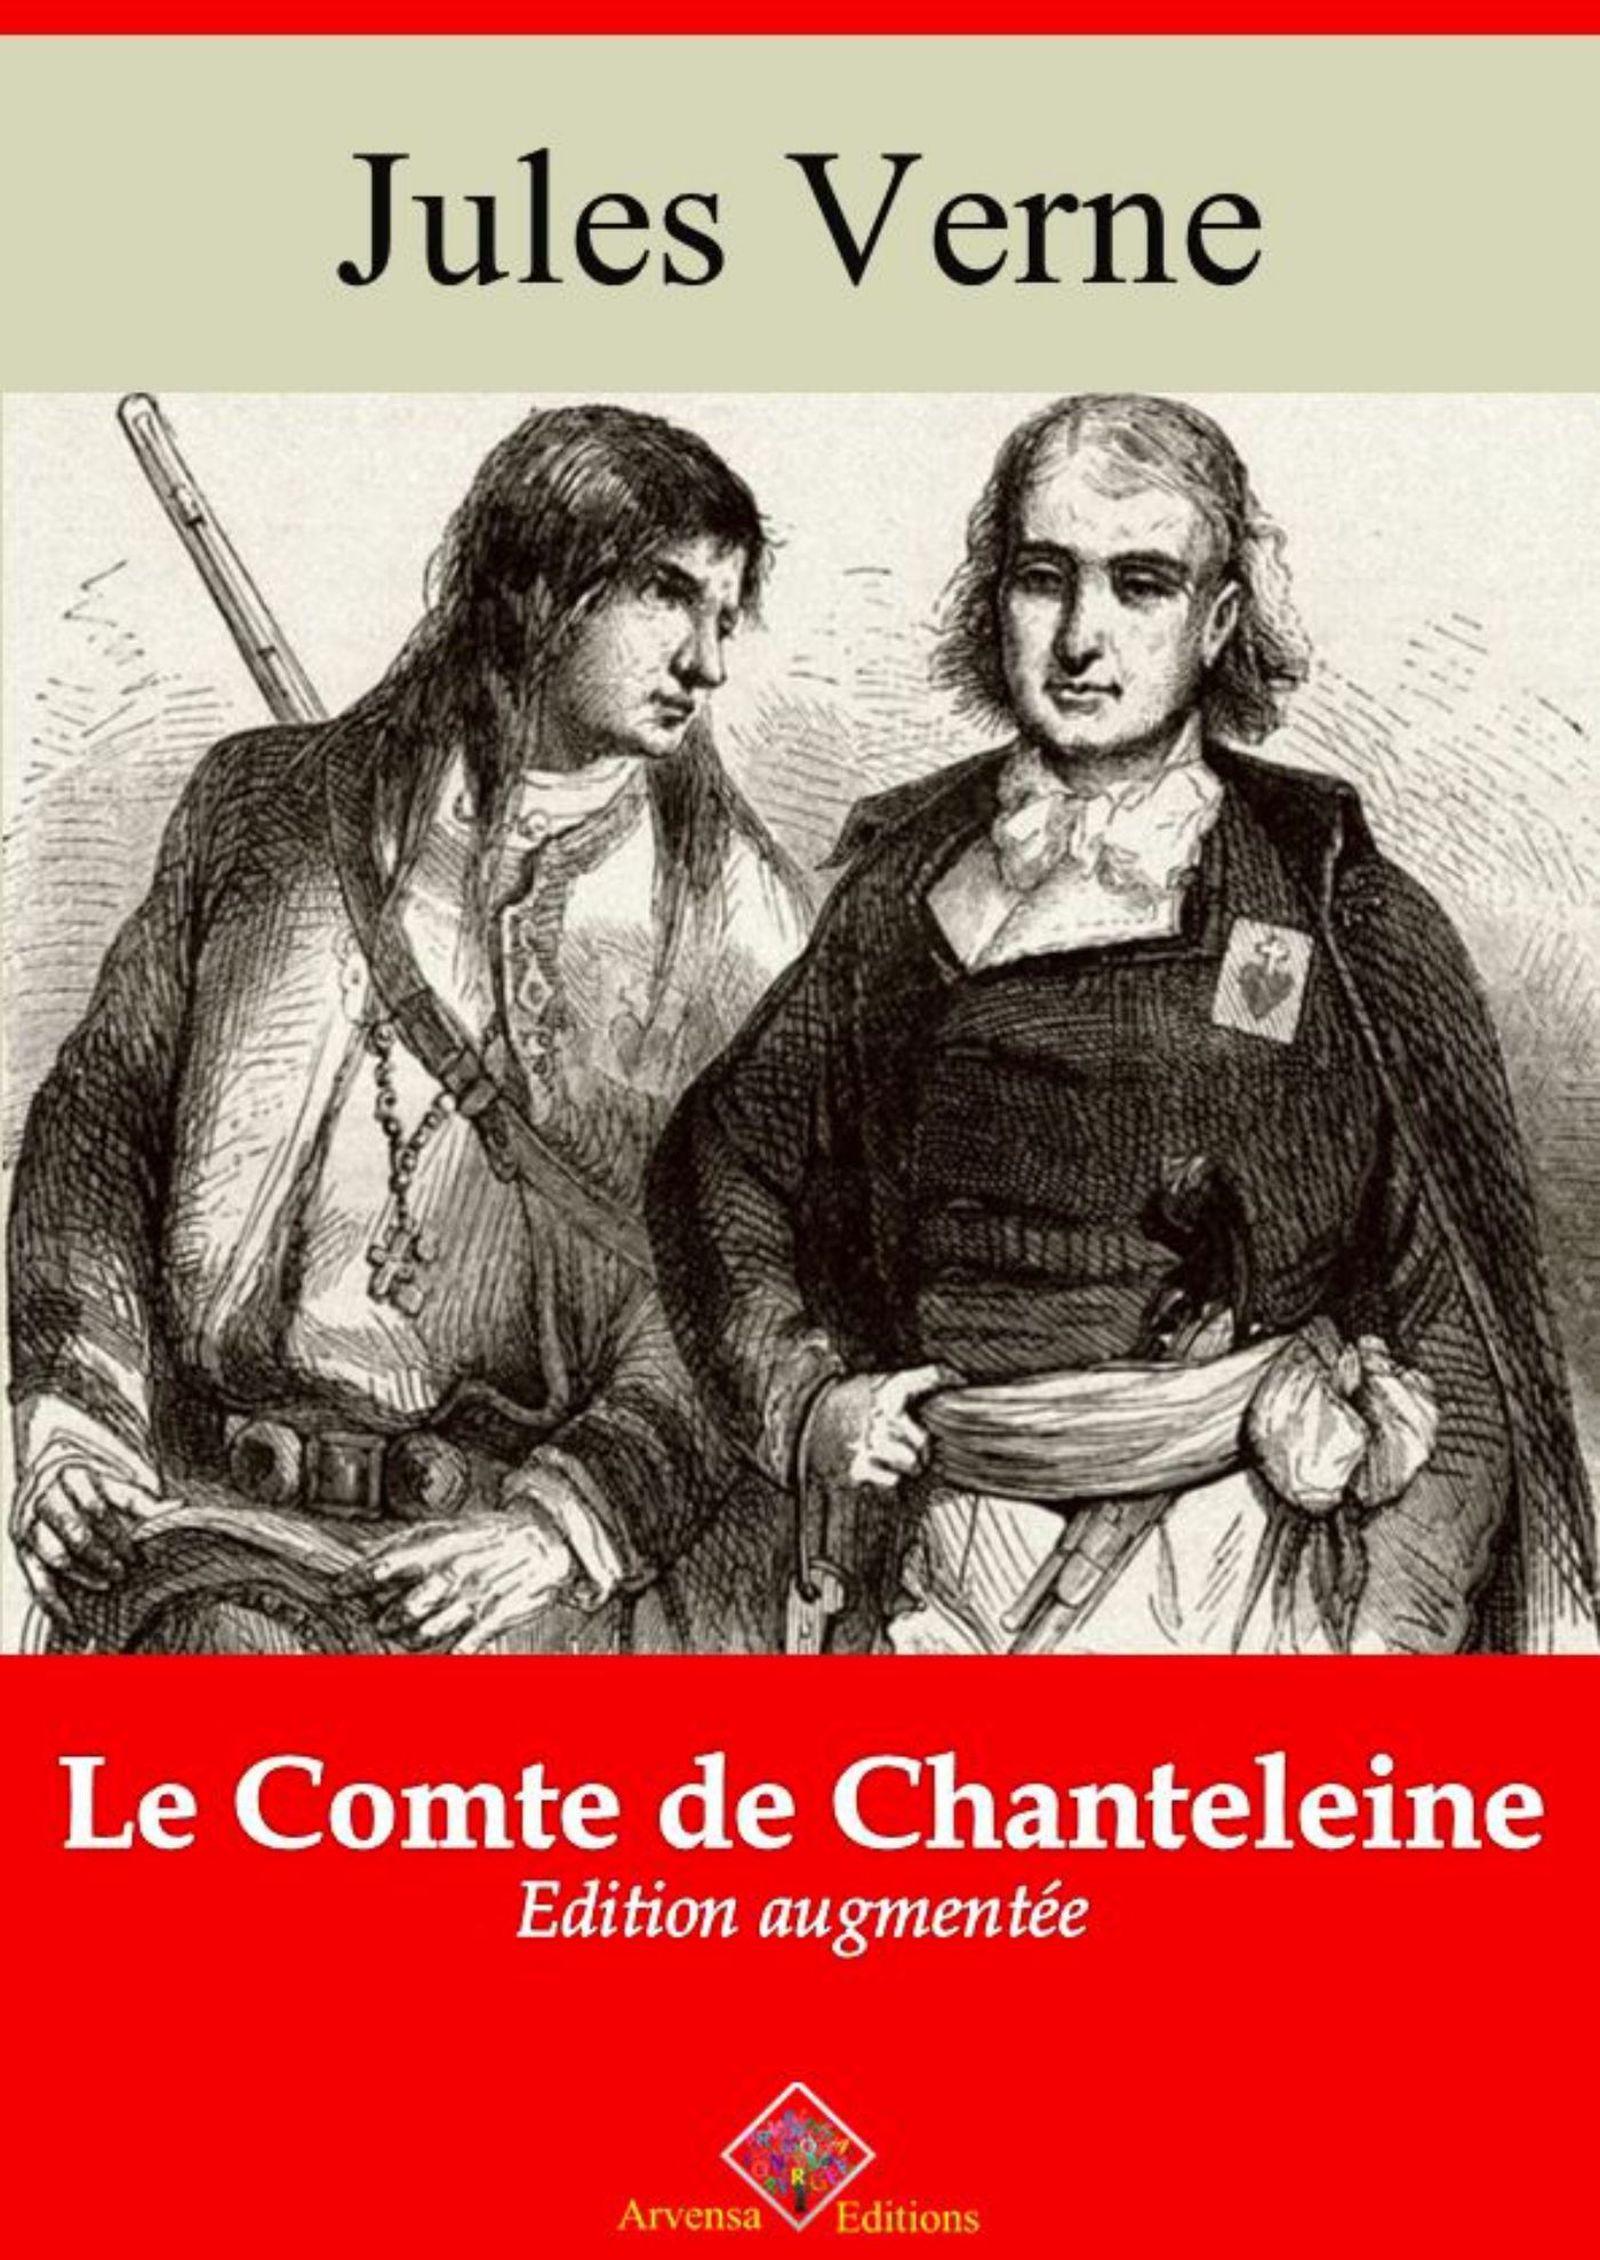 Le Comte de Chanteleine - suivi d'annexes  - Jules Verne (1828-1905)